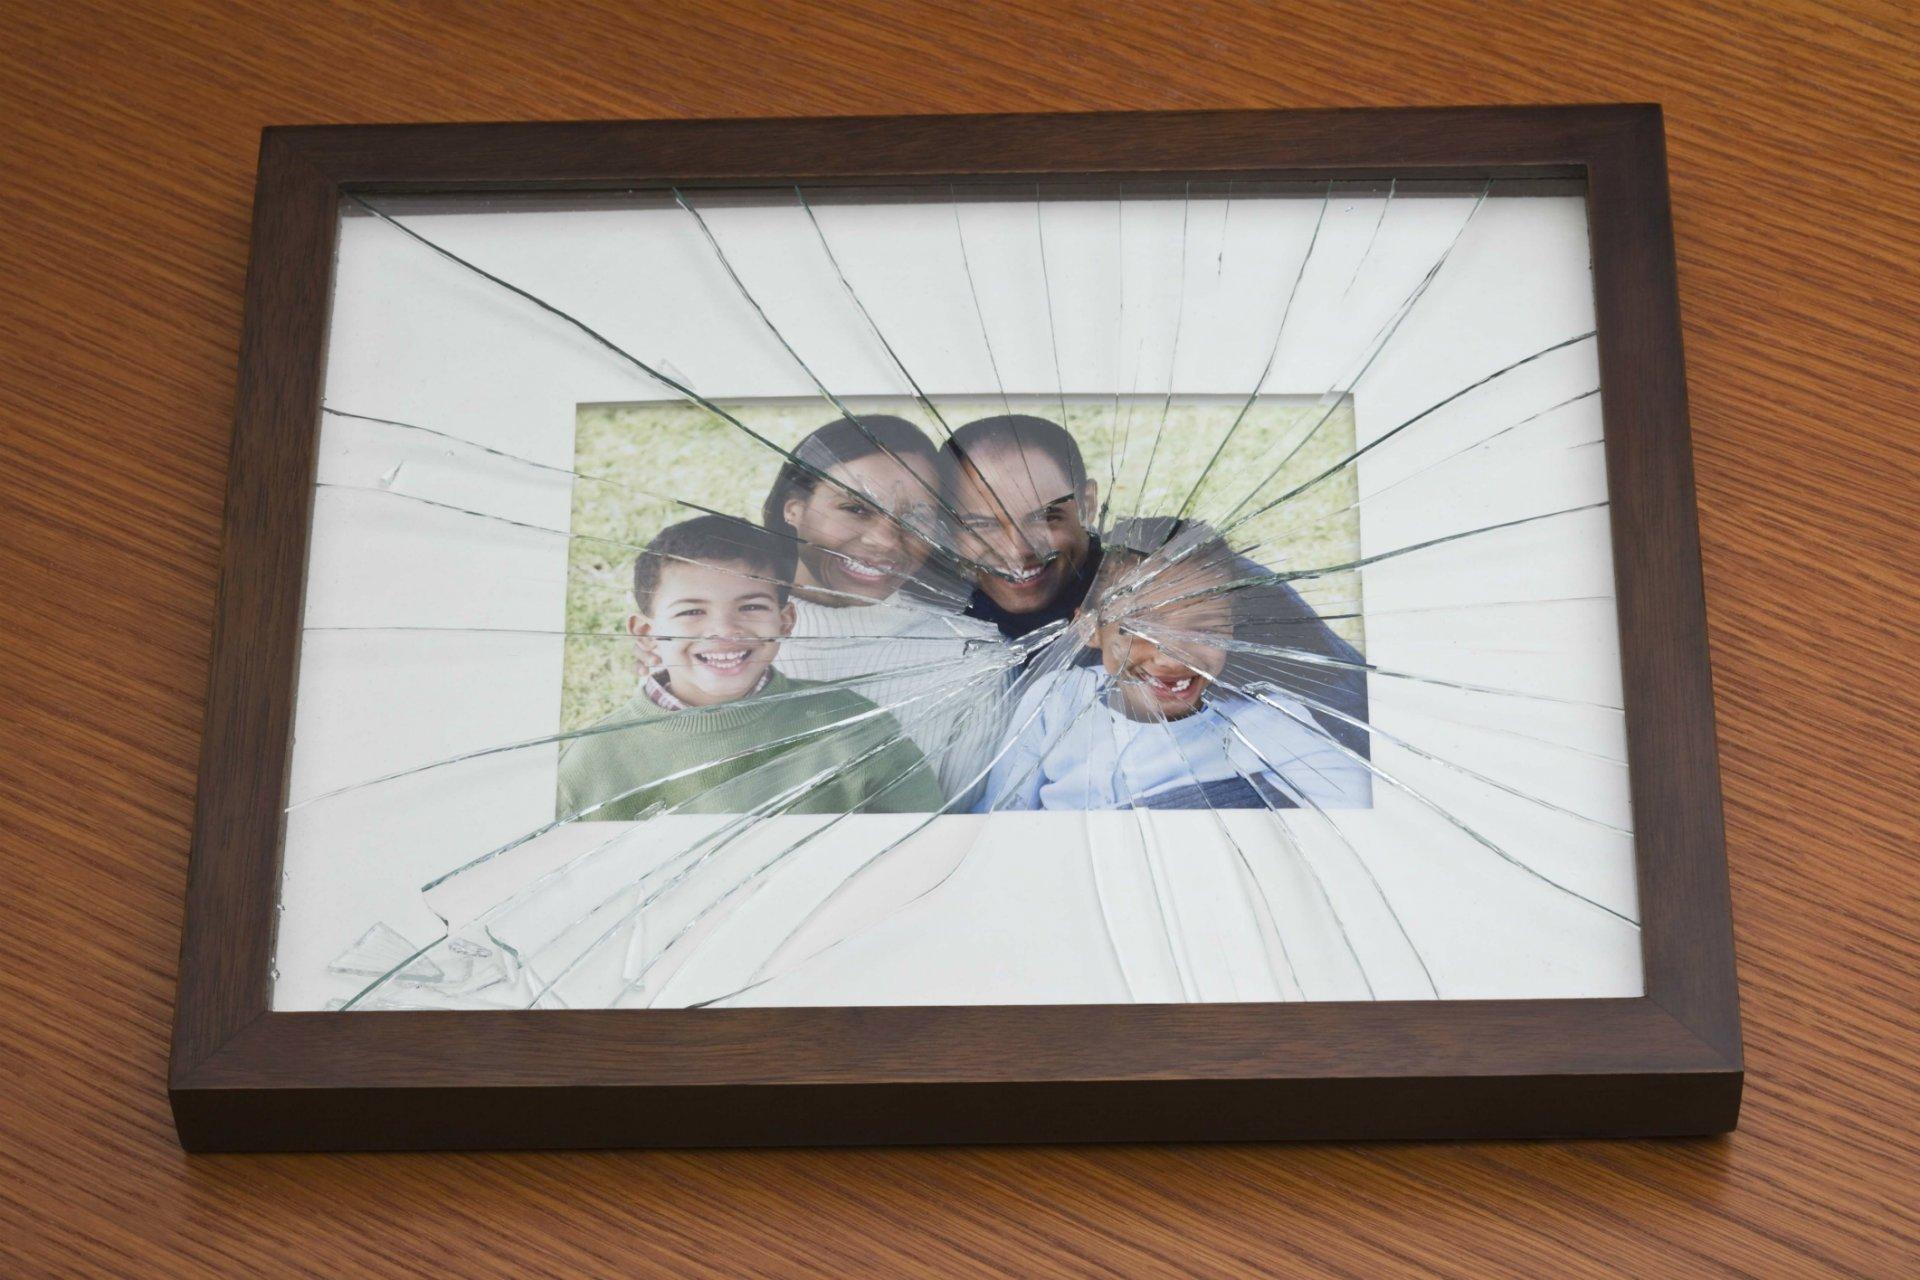 Broken-picture-frame